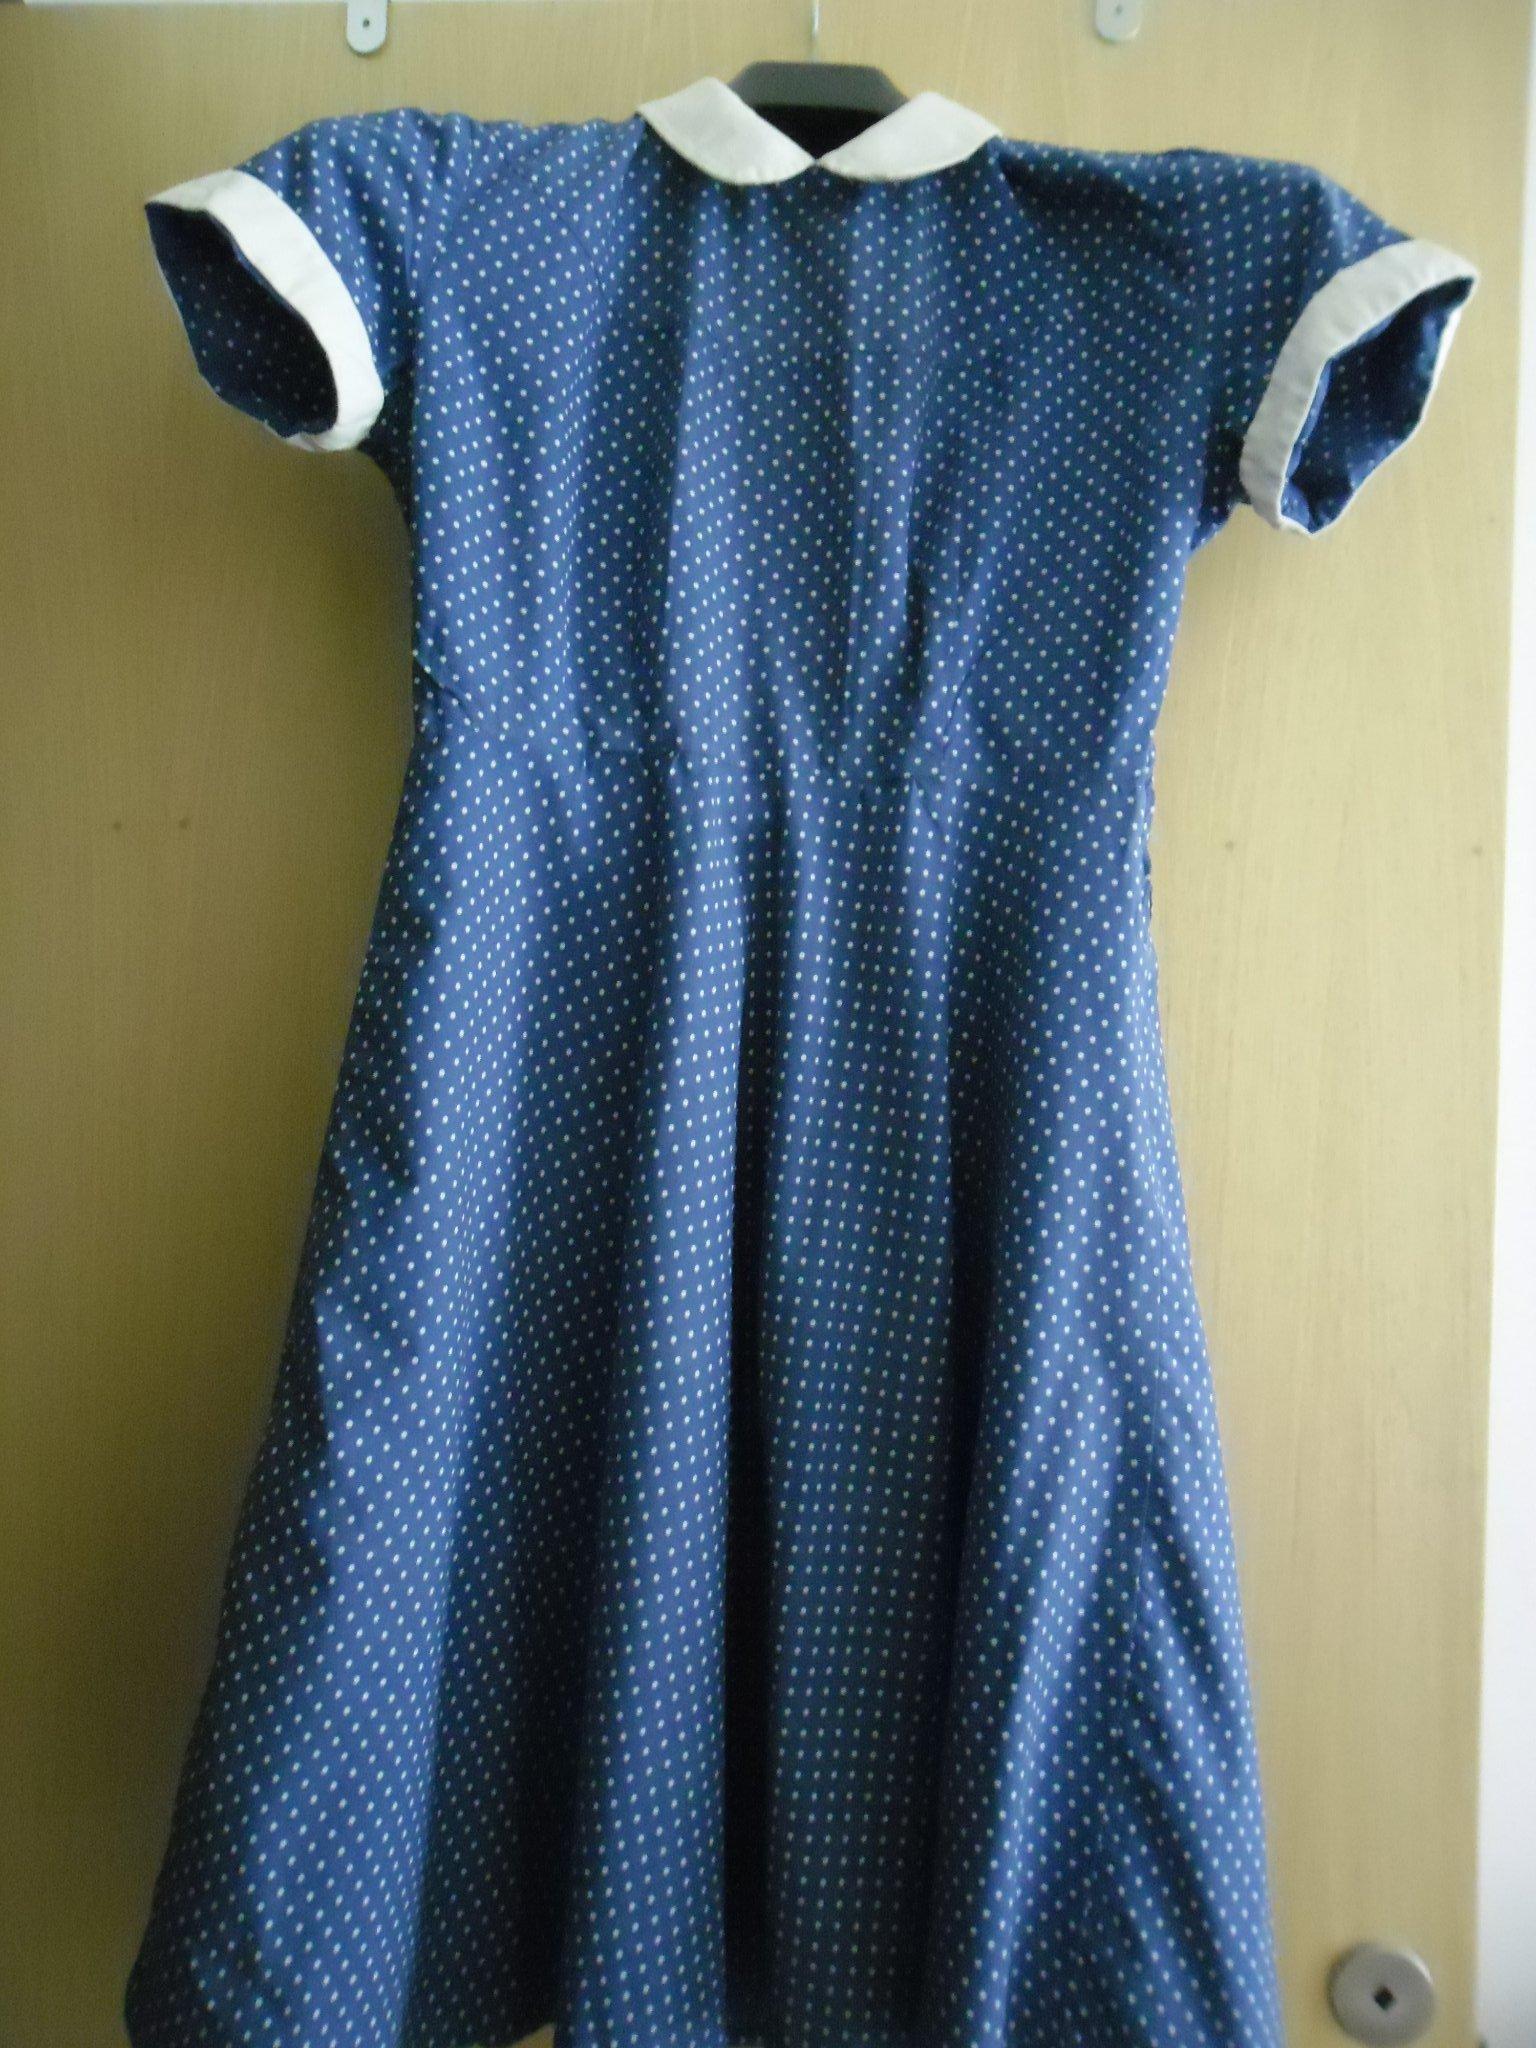 3978d616e8da Vintage Klänning 1950-tal (352898067) ᐈ Köp på Tradera